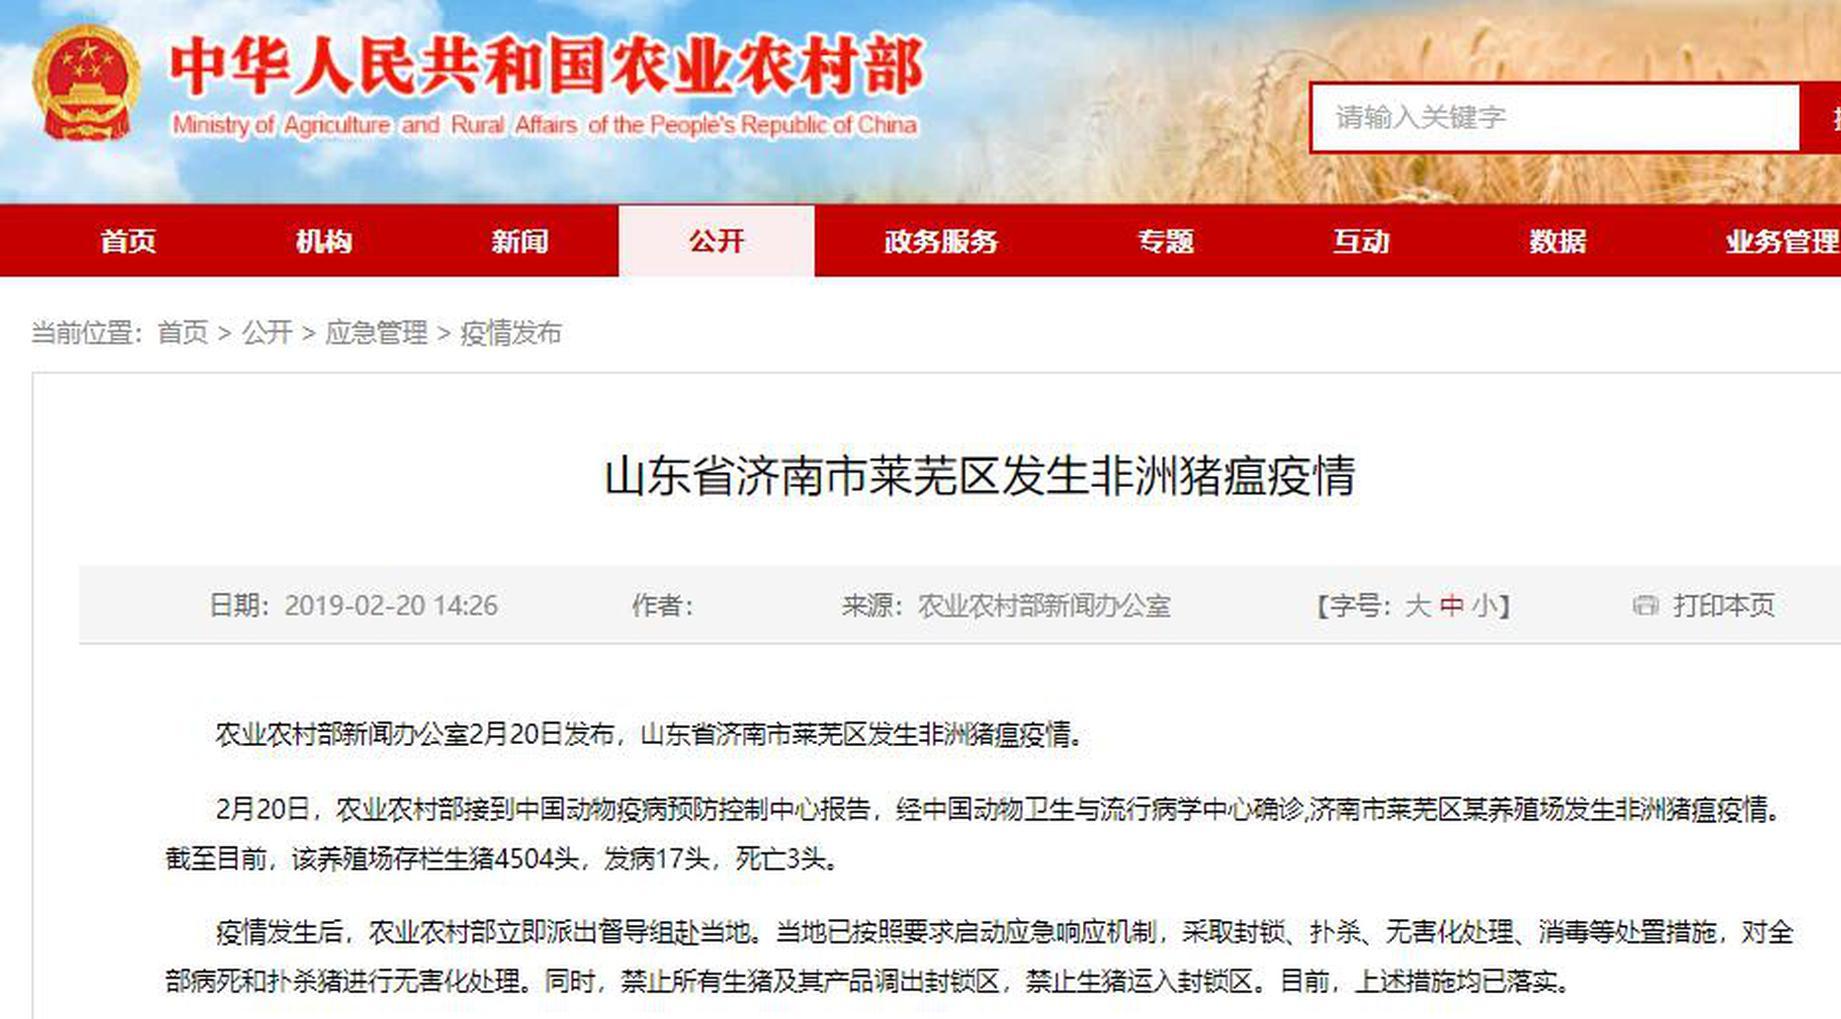 济南市莱芜区发生非洲猪瘟疫情 农业农村部已赴当地